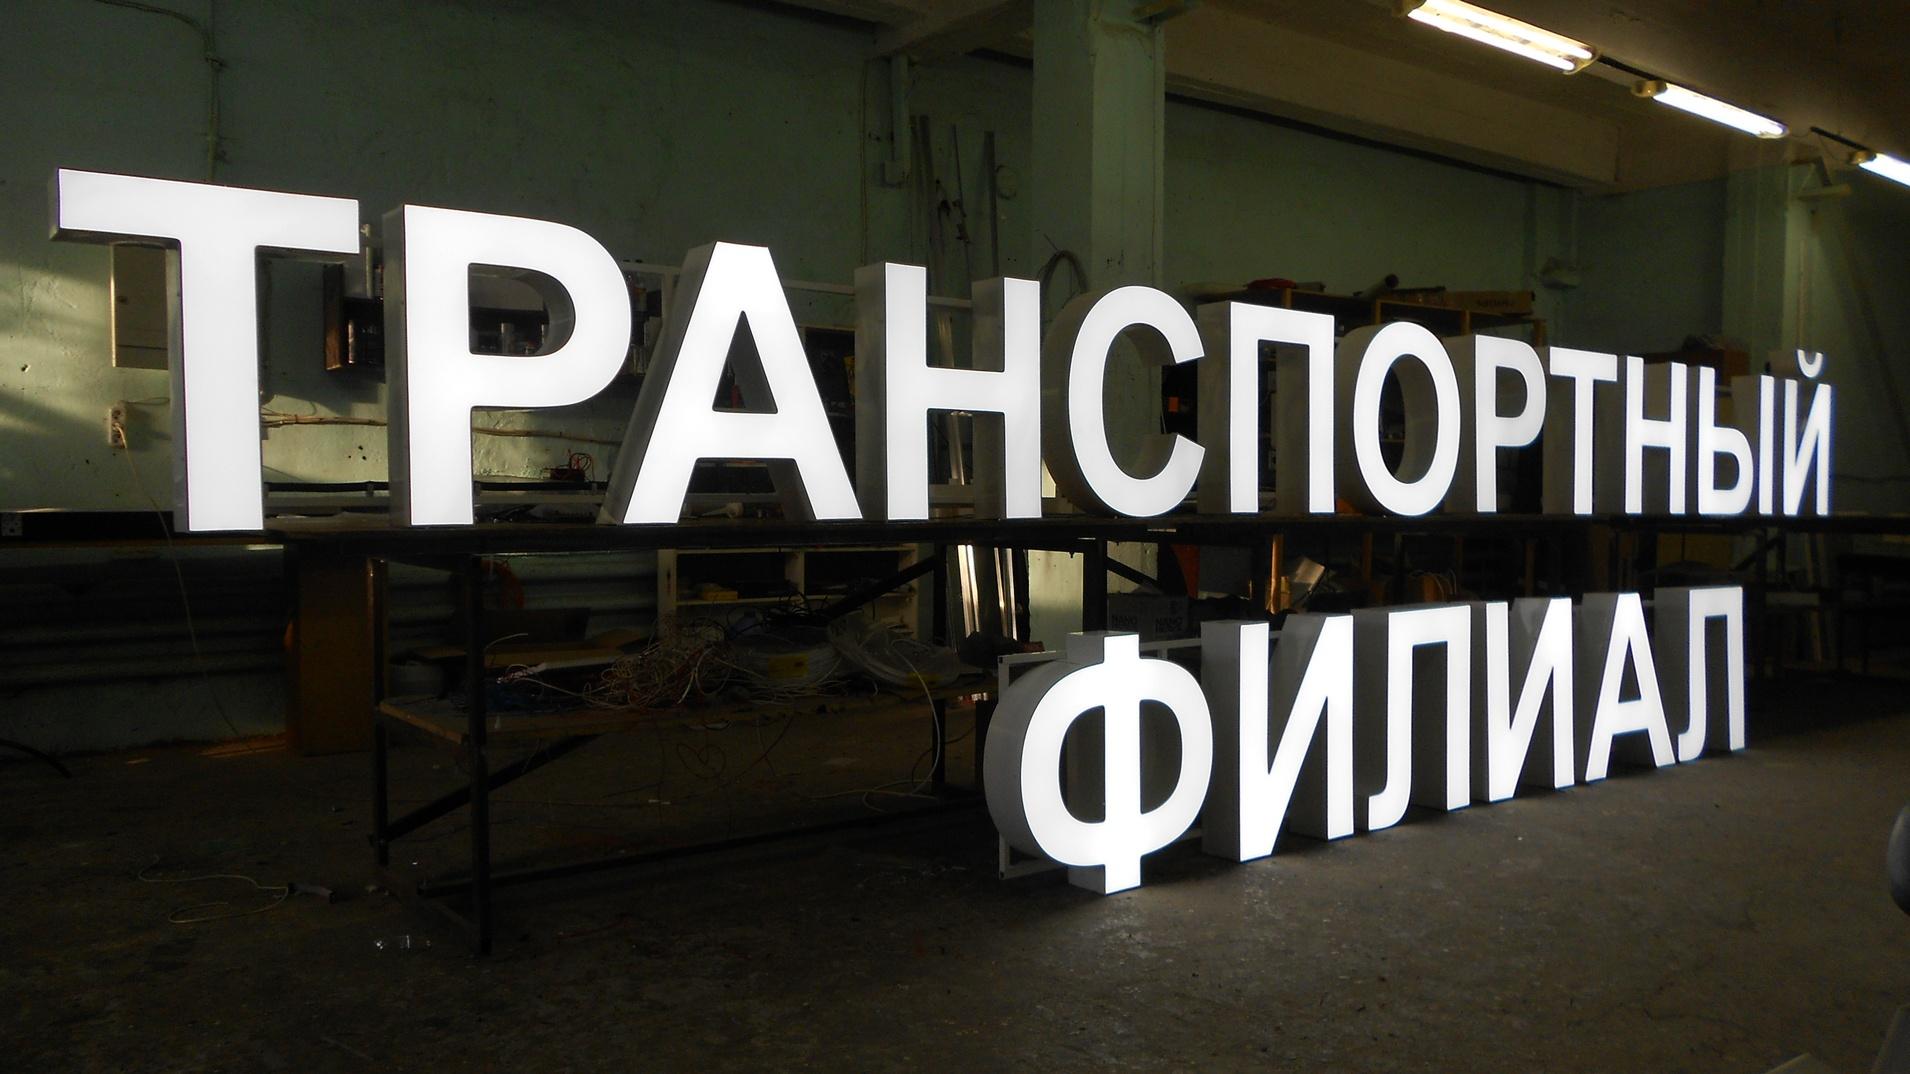 Объемные буквы на закрытых светодиодах